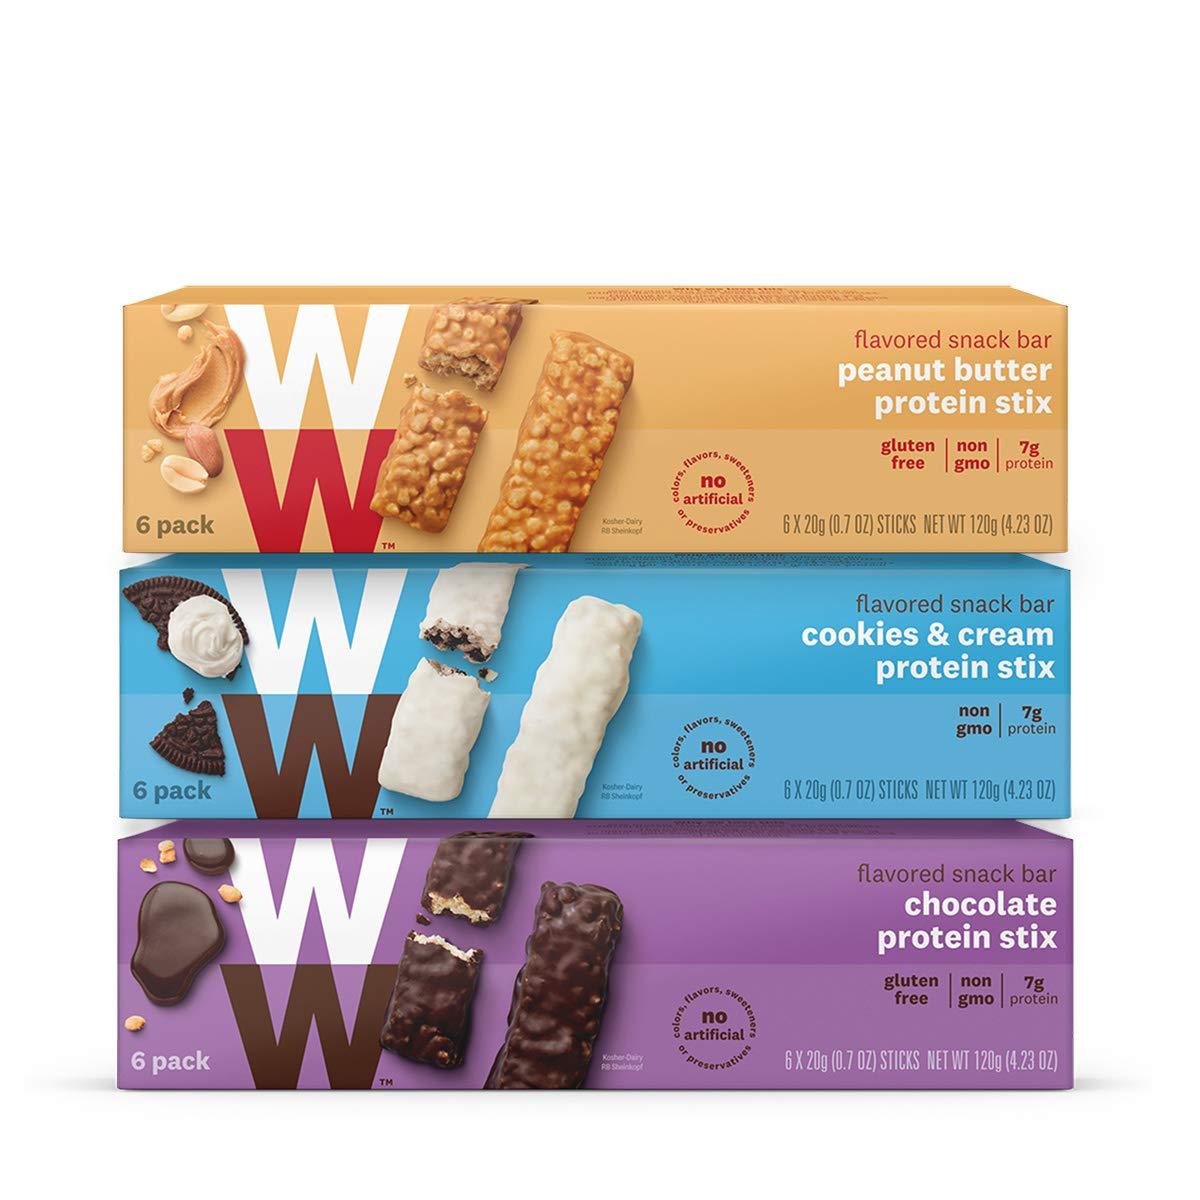 Weight Watchers Protein Stix Three Pack Value by WW